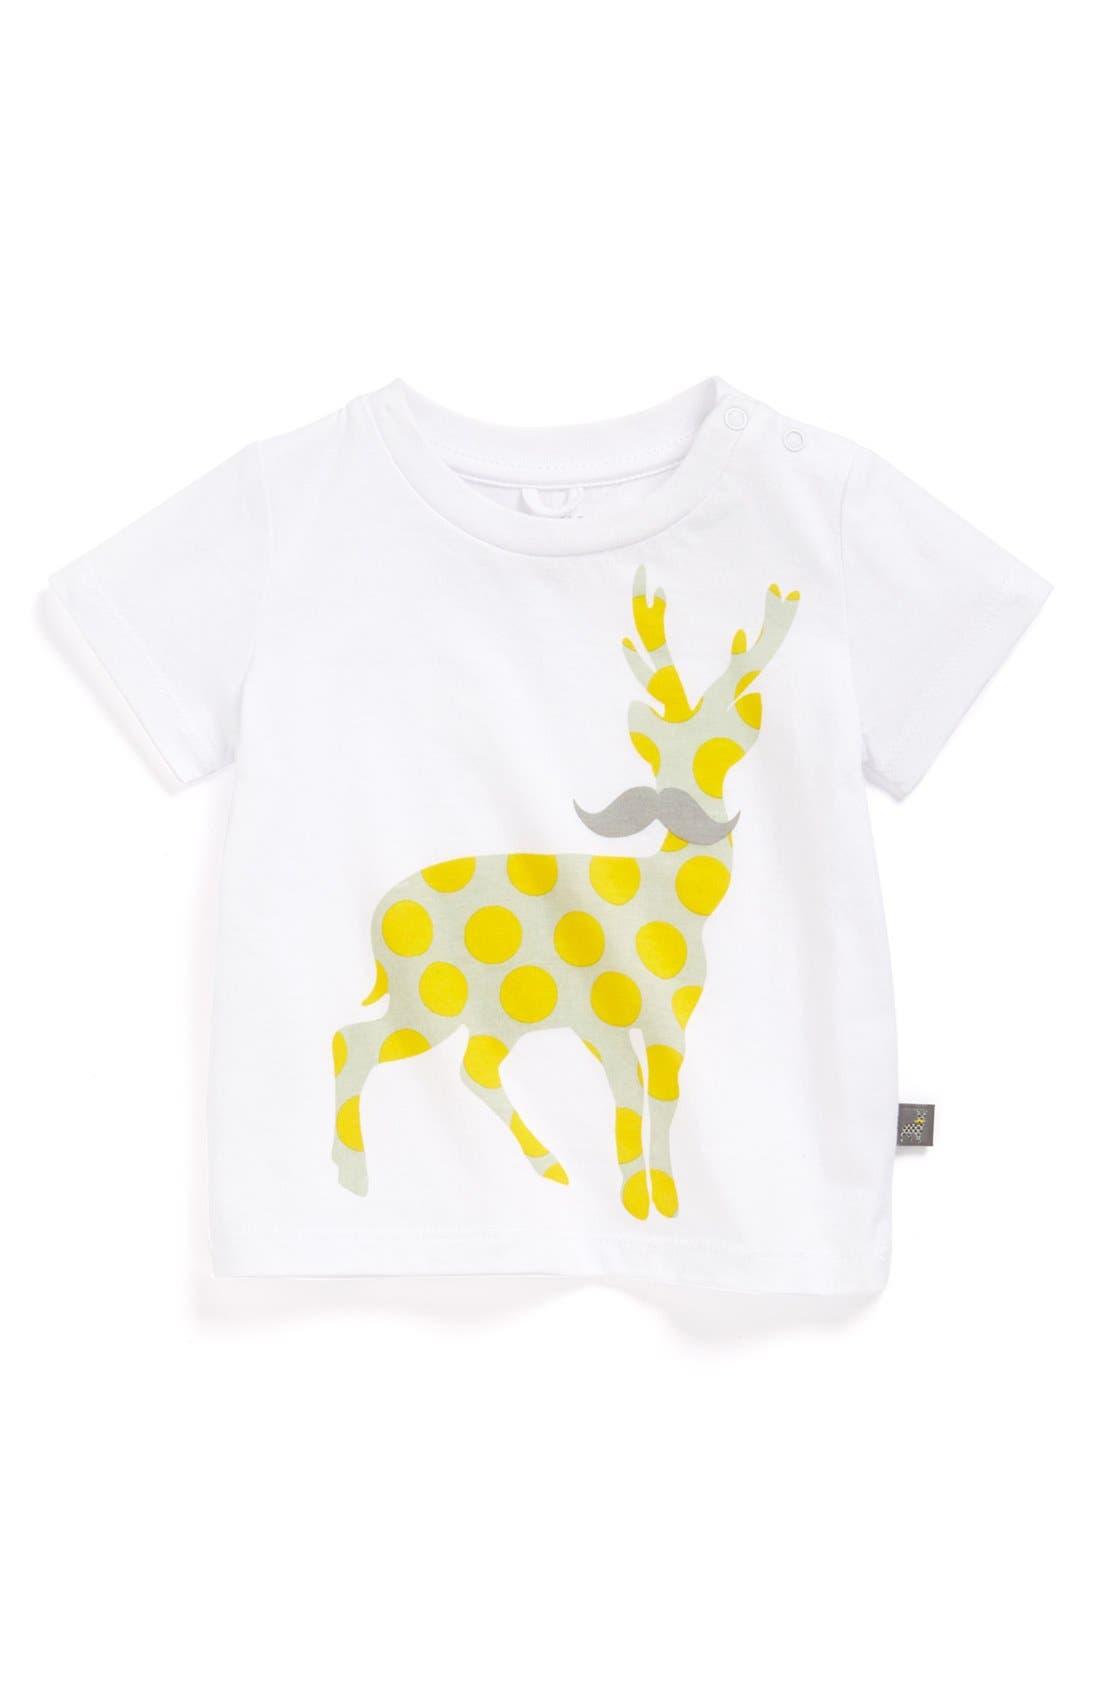 Alternate Image 1 Selected - Stella McCartney Kids 'Chuckle Deer' Tee (Baby)